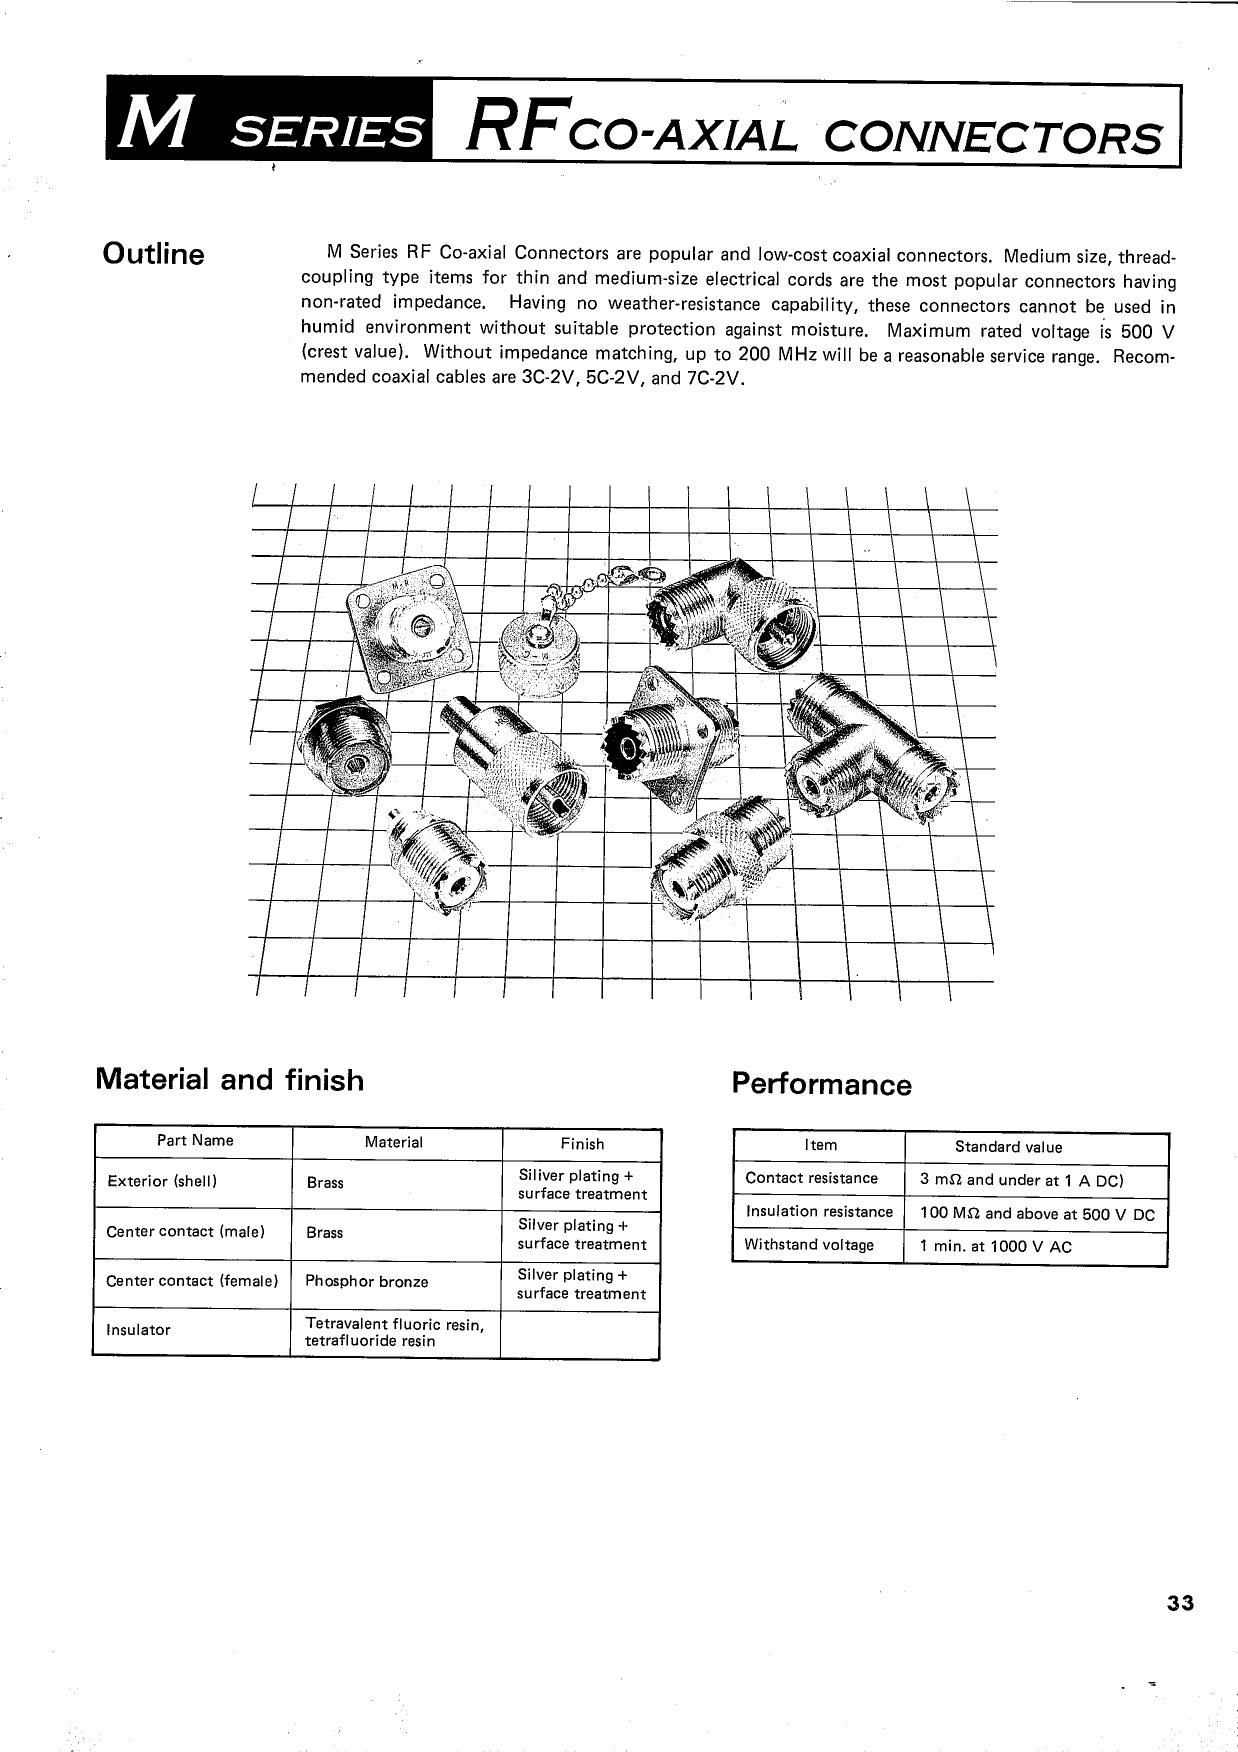 M-TA-JJJ دیتاشیت PDF